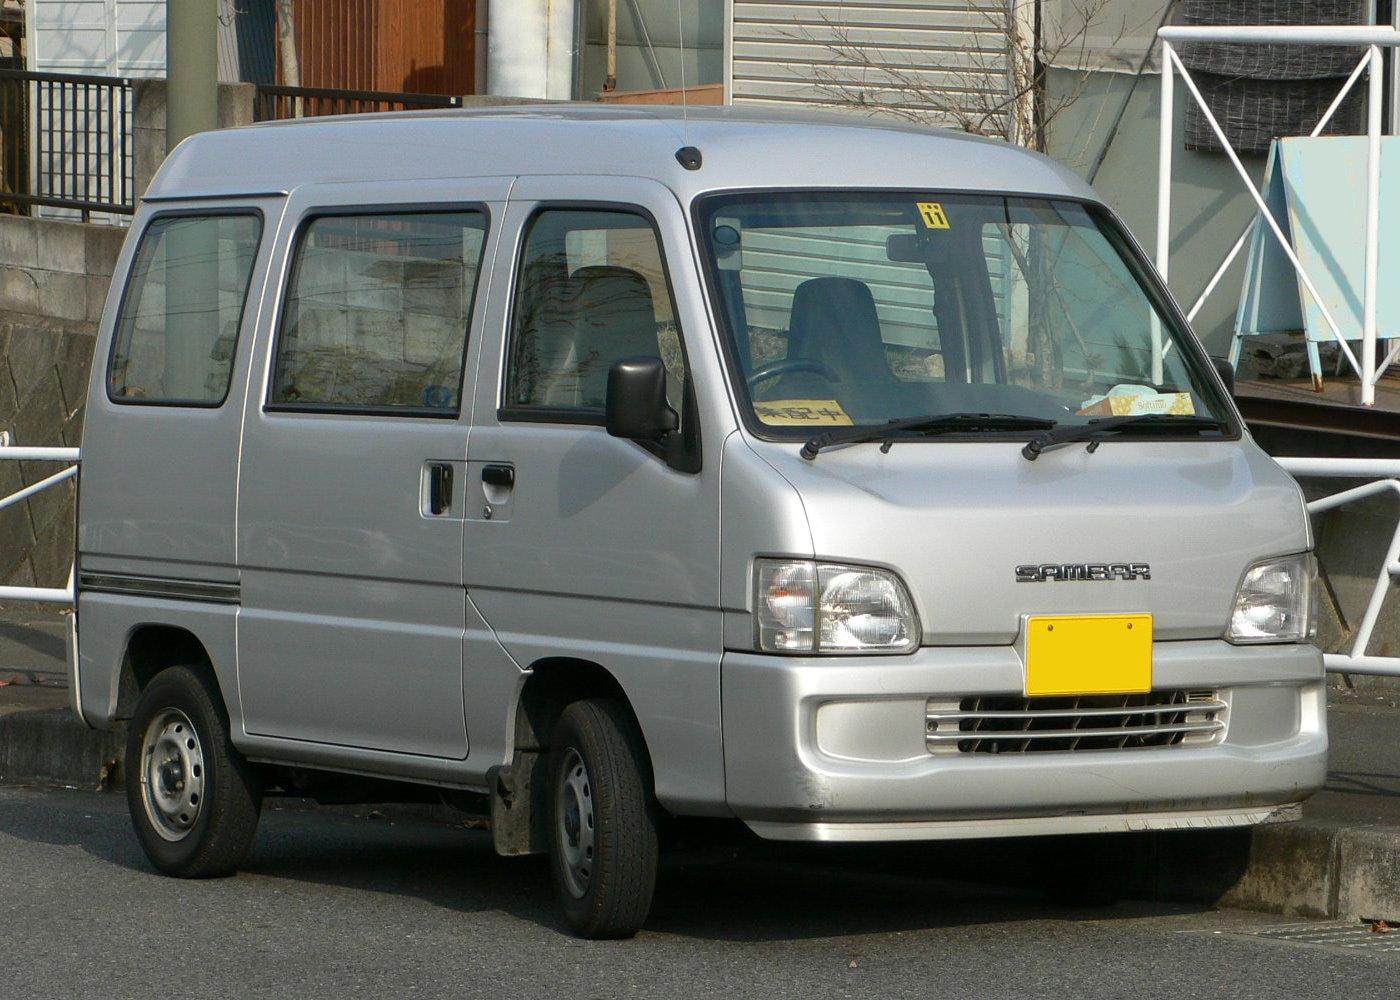 Subaru Sambar 2009 - 2012 Microvan #3